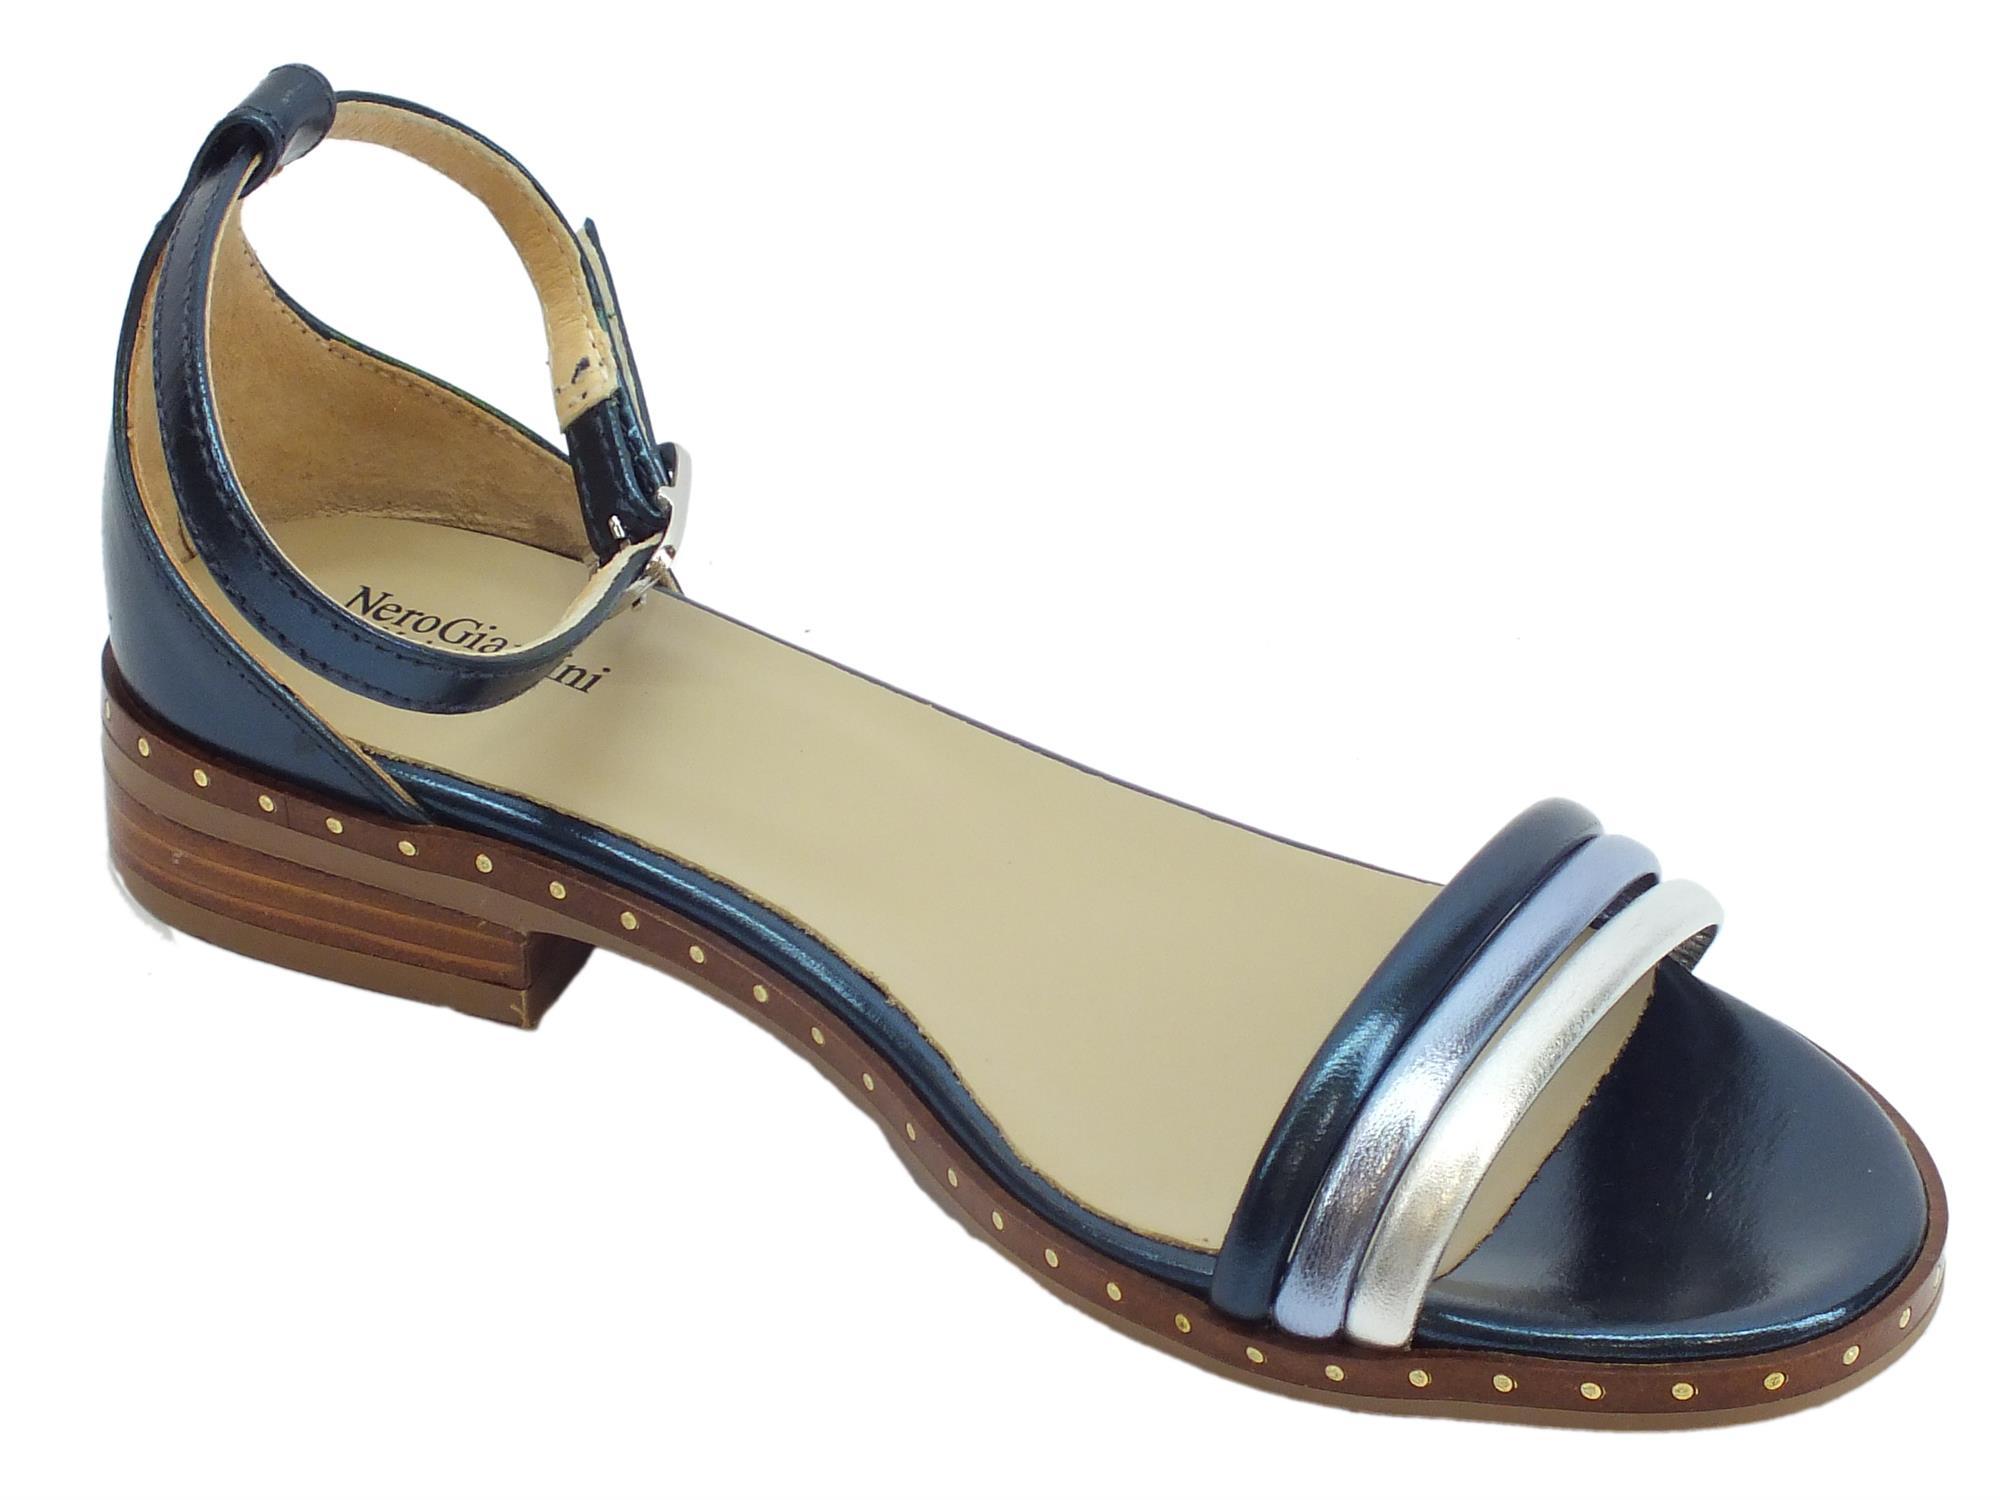 ... Sandali donna NeroGiardini in laminato blu e argento tacco basso ... 393c7dff84d